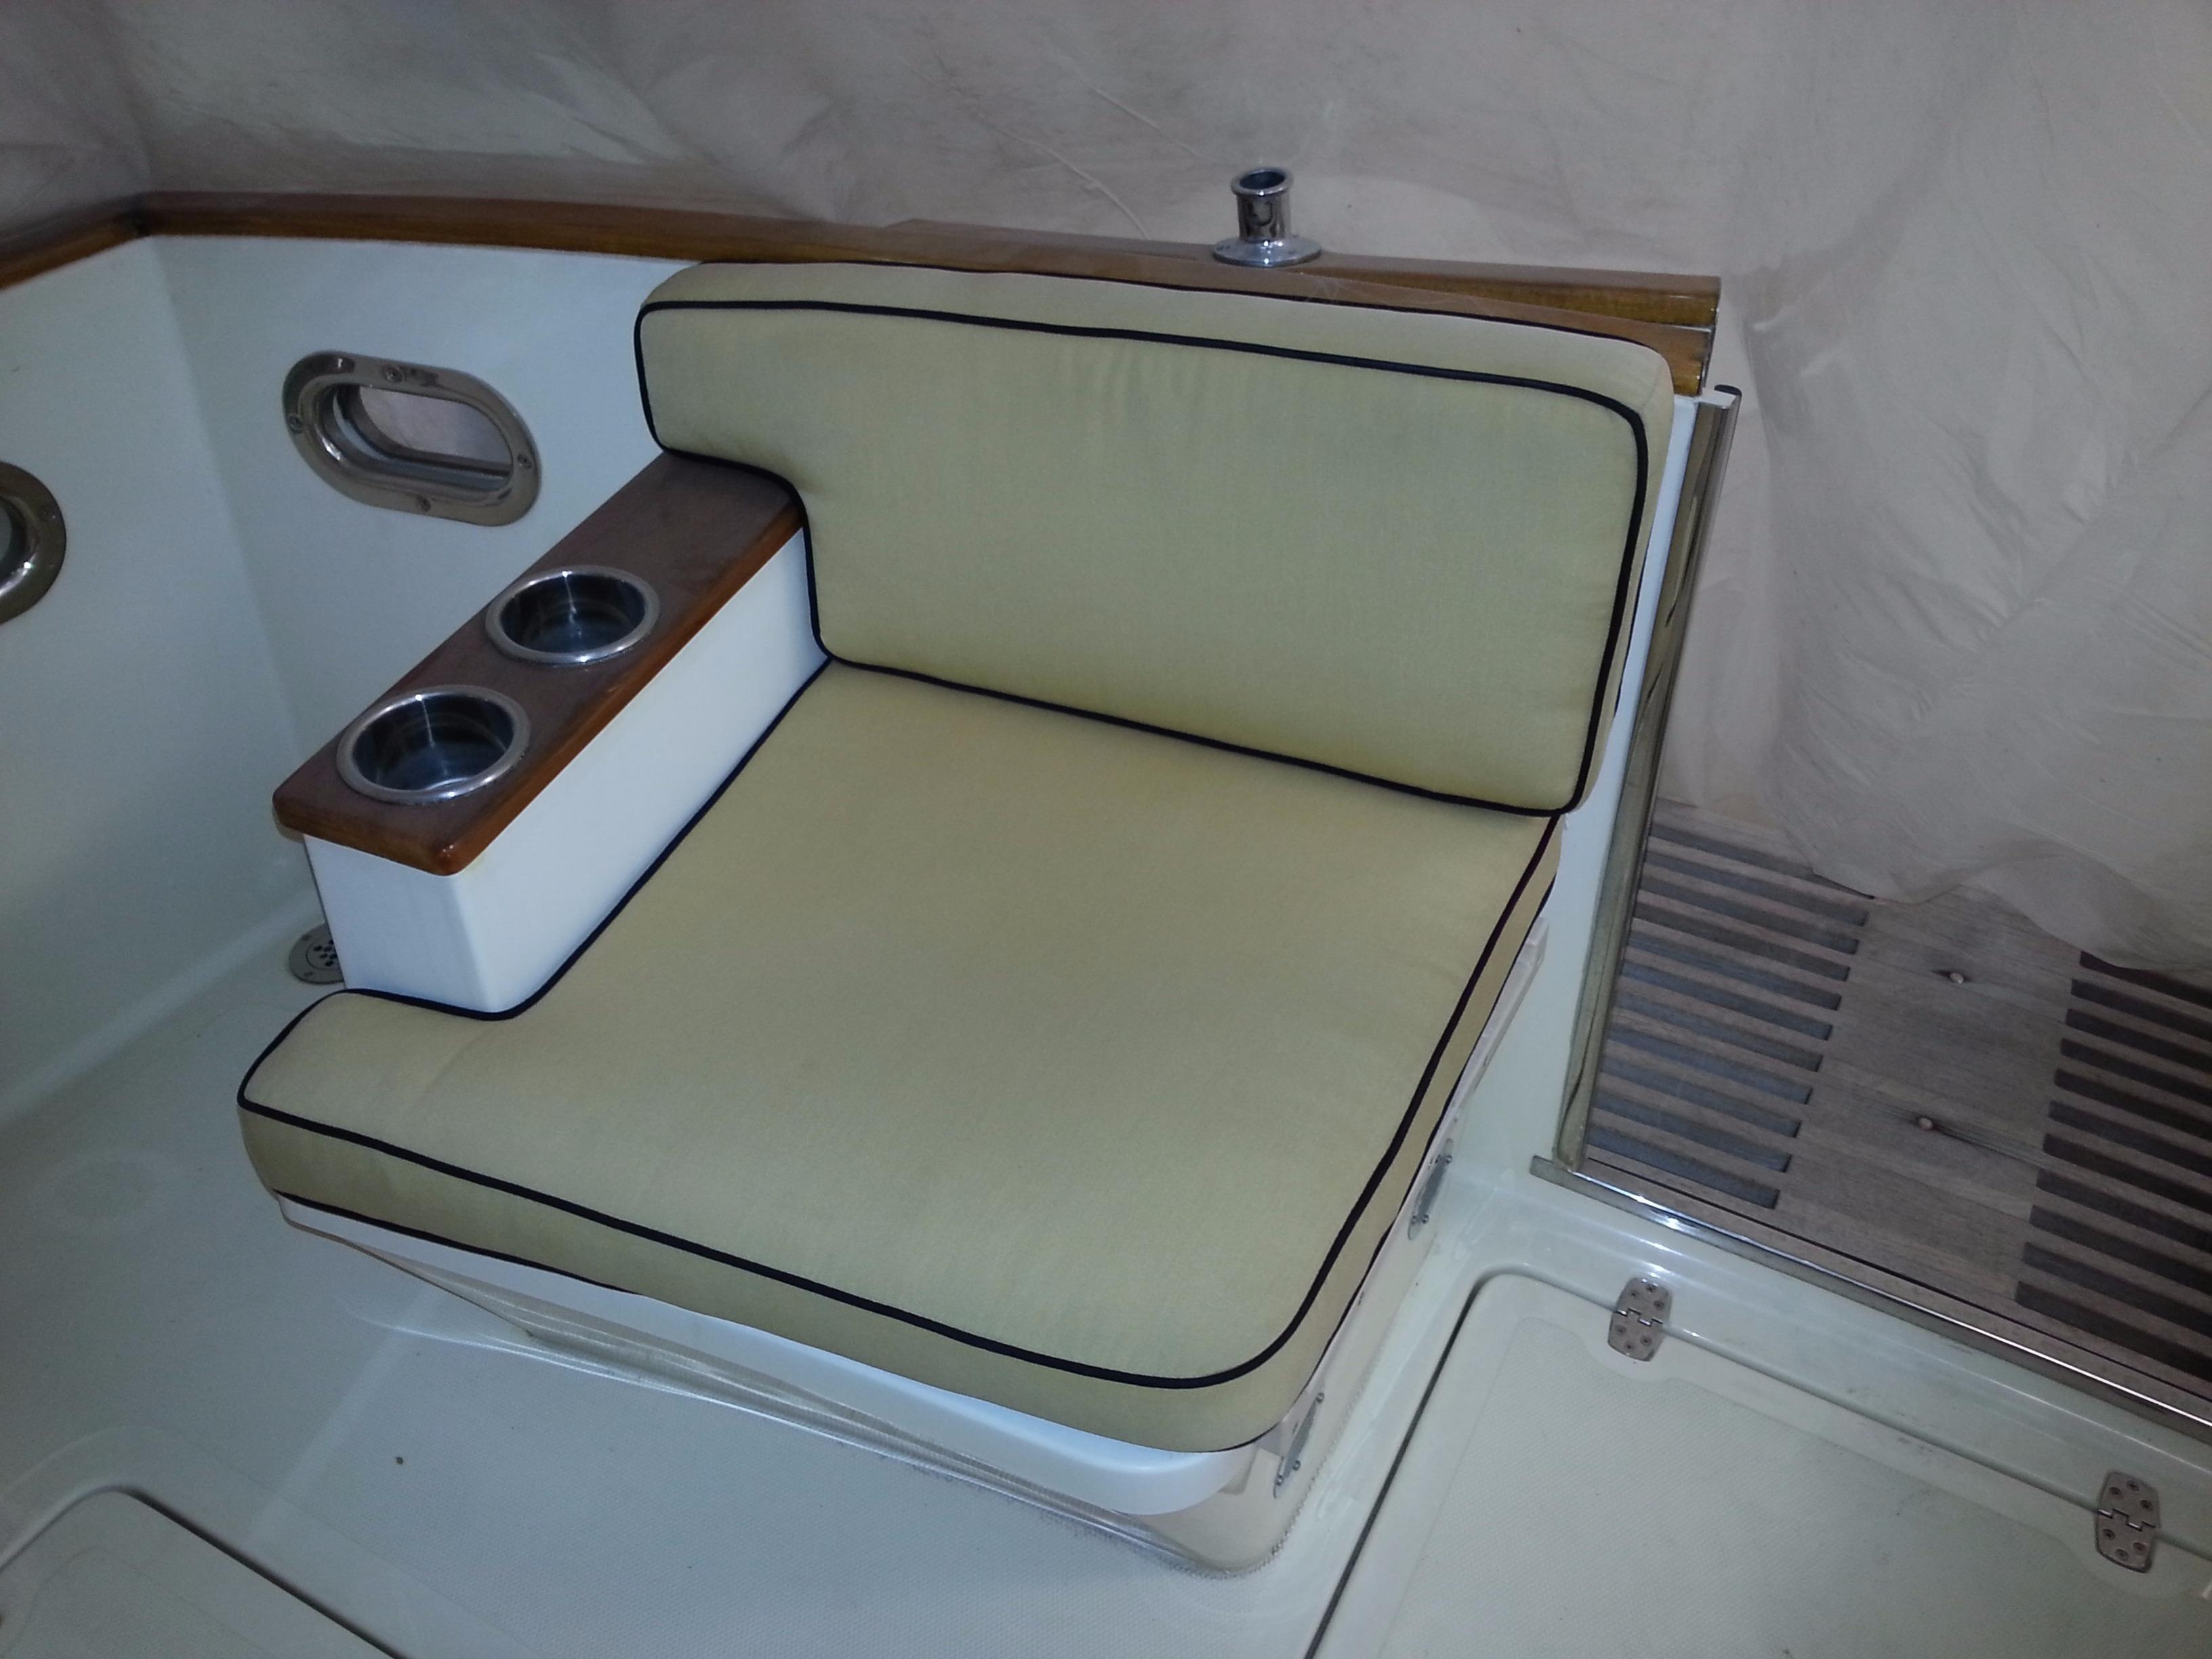 Aft Cockpit Seat - Door Open